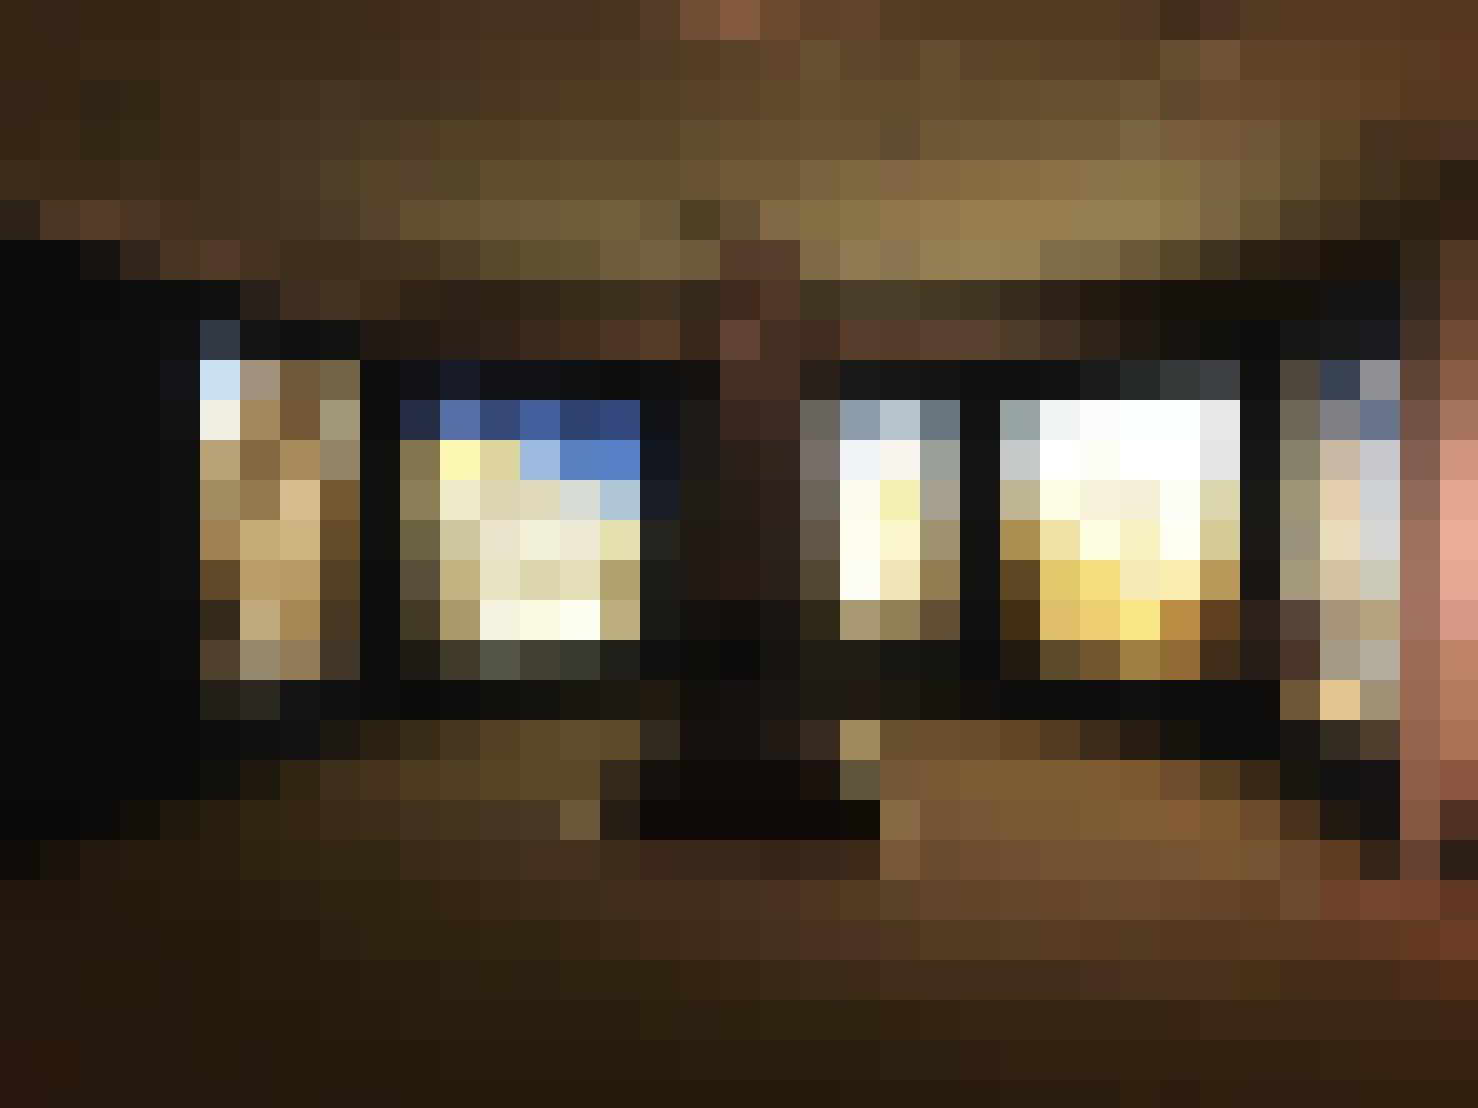 【池袋駅】池袋で古代の文明に出会える「古代オリエント博物館」の館内1